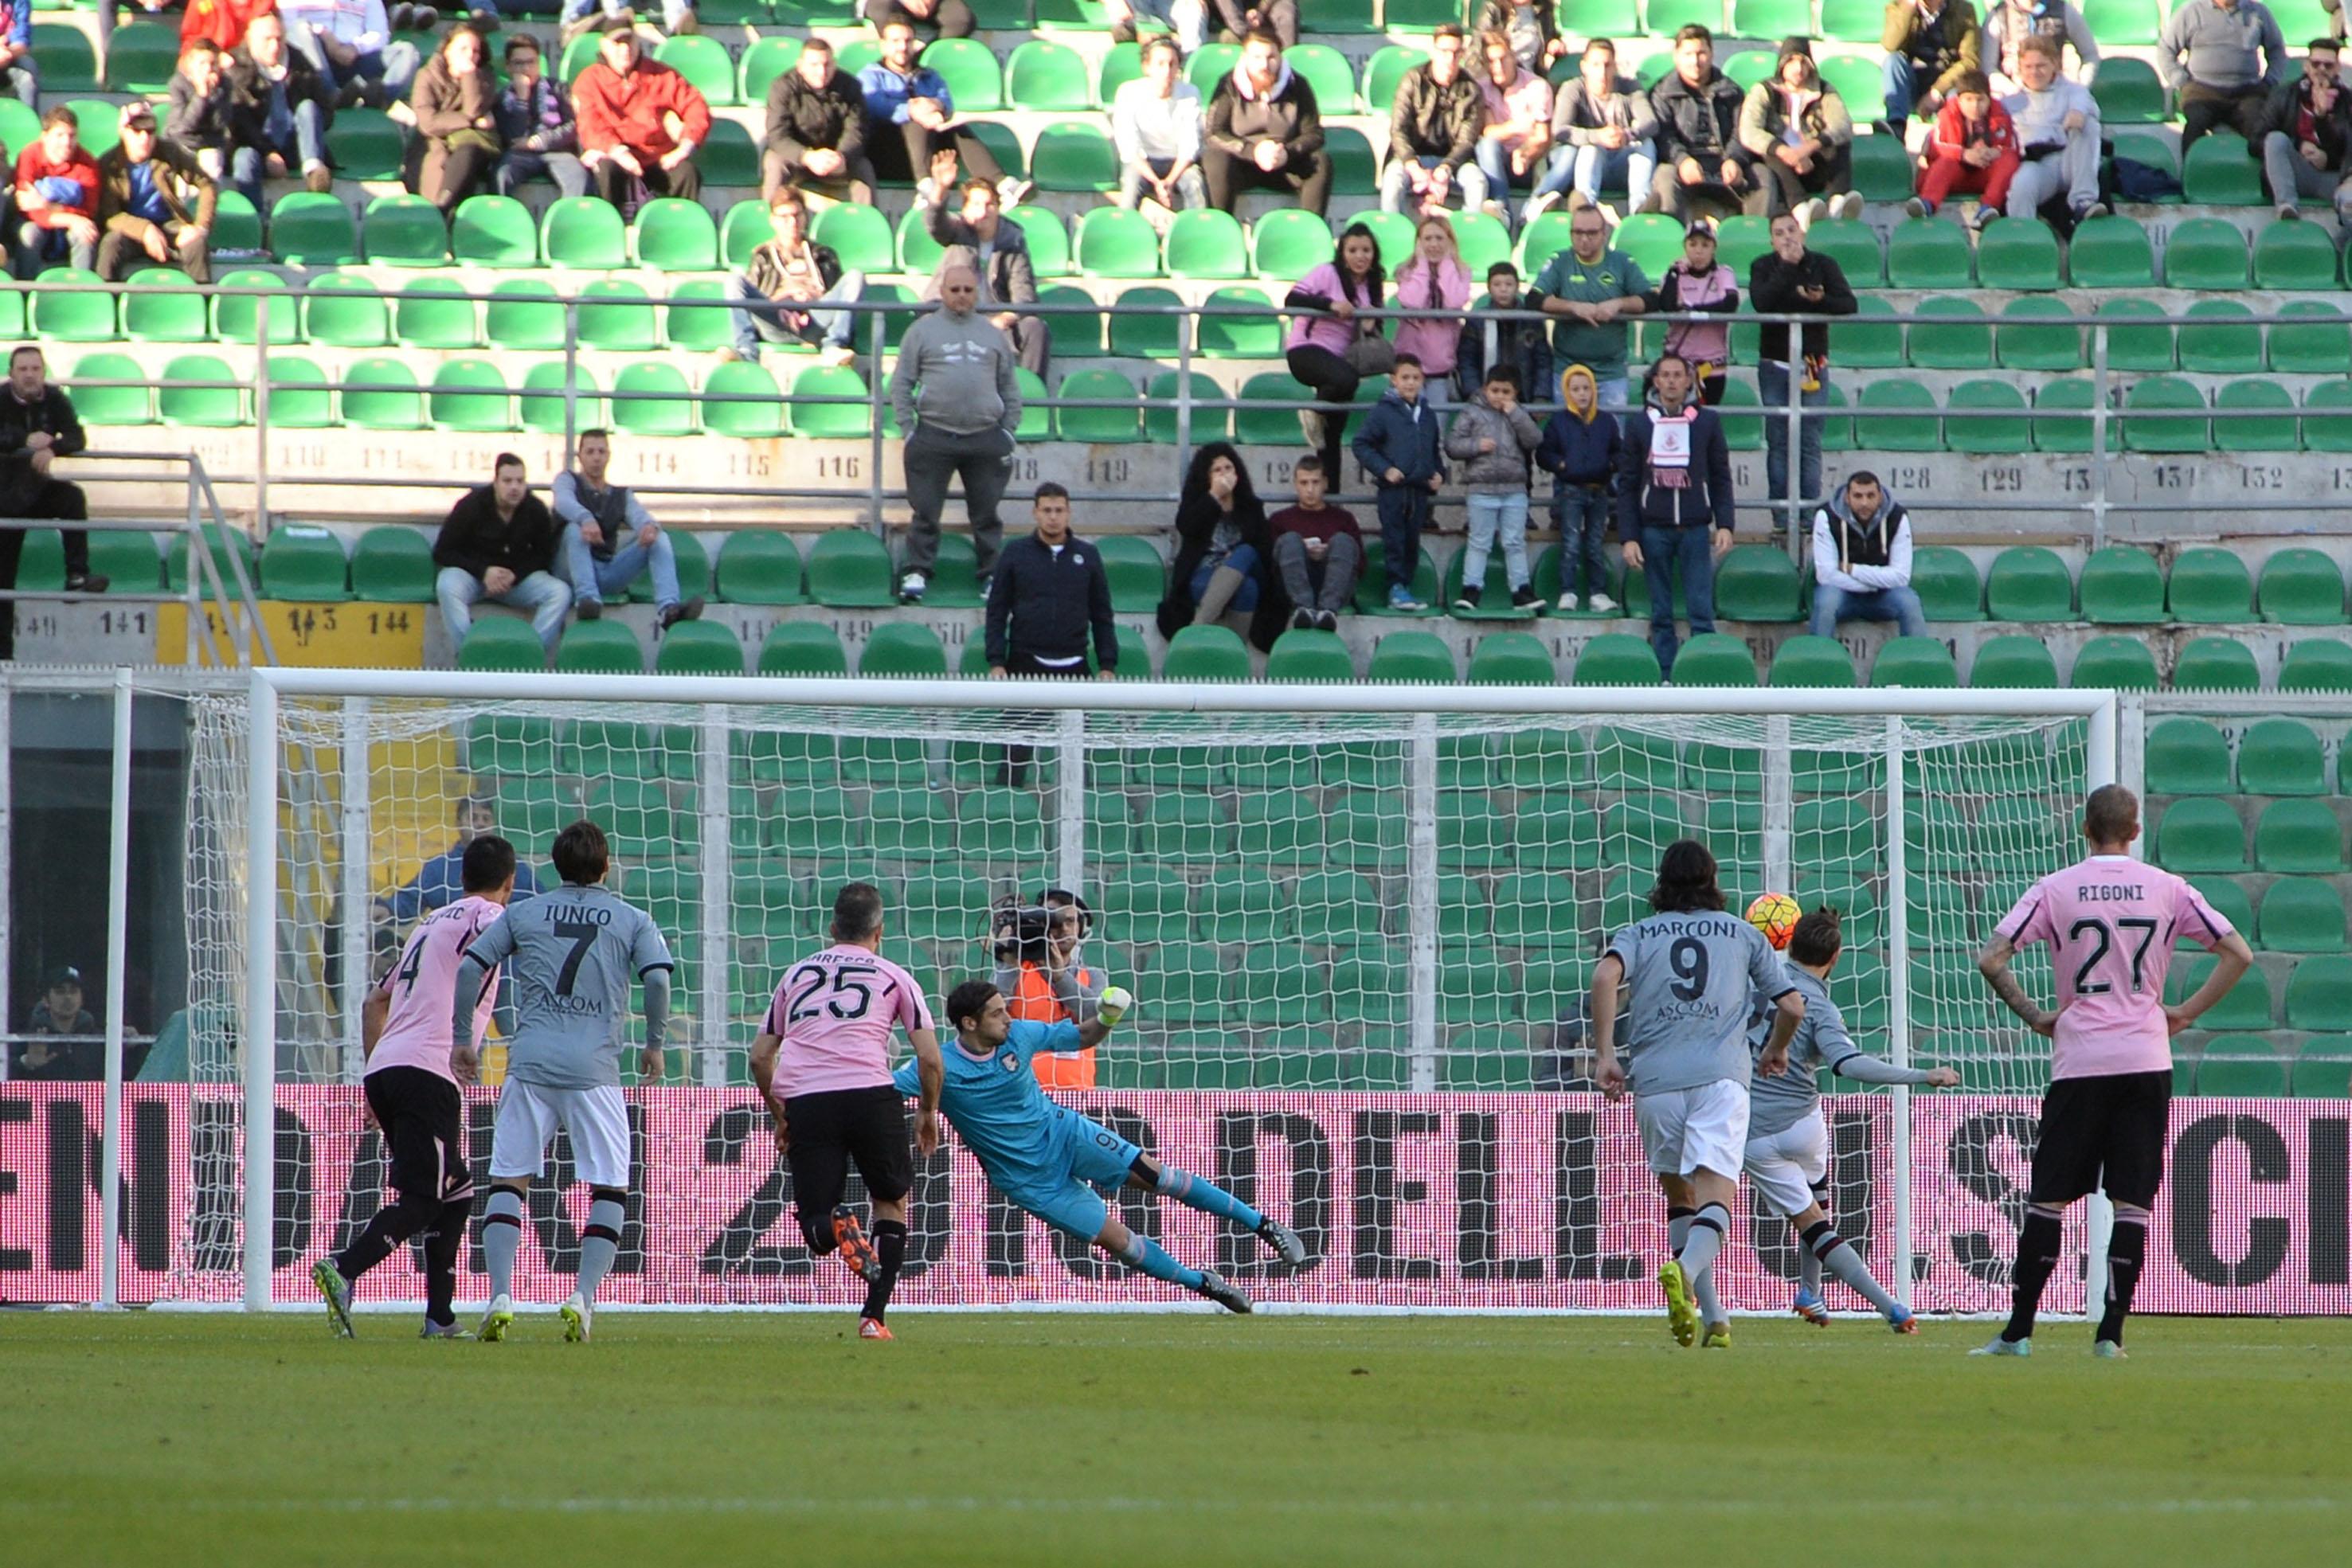 palermo  coppa italia 2015/2016palermo - alessandria